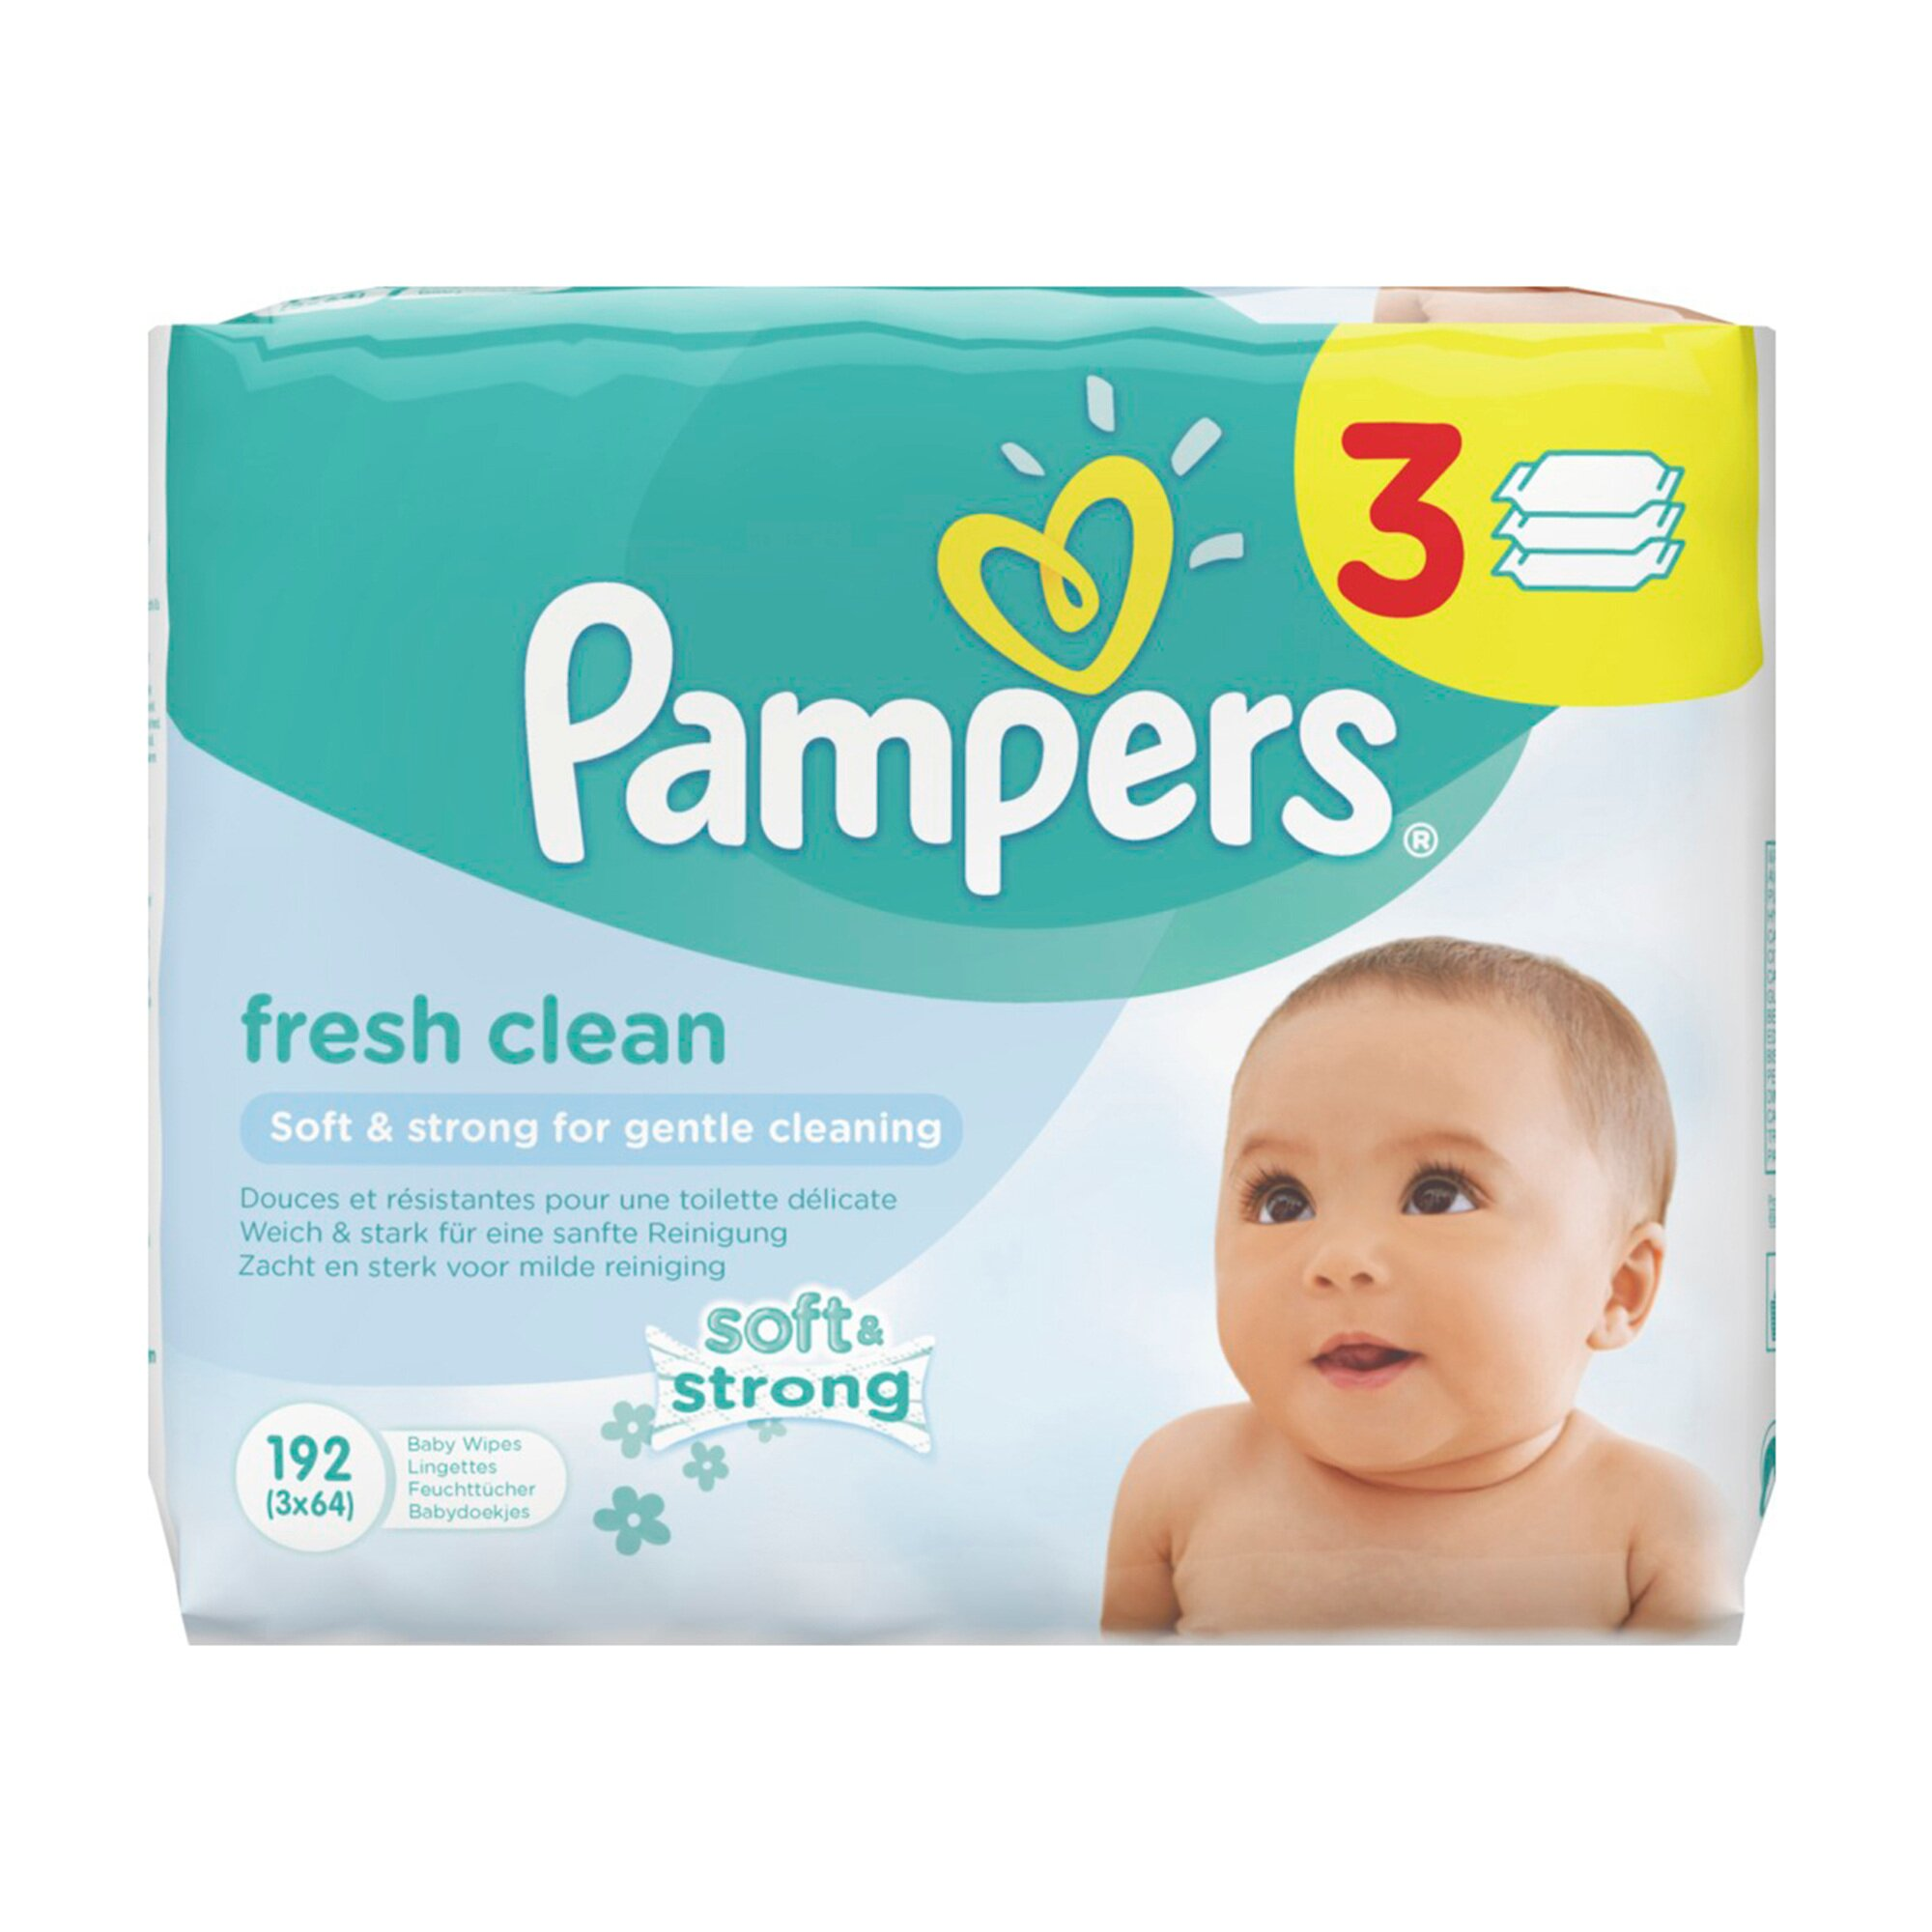 Pampers 3er-Pack Feuchttücher Fresh Clean, 192 Stück